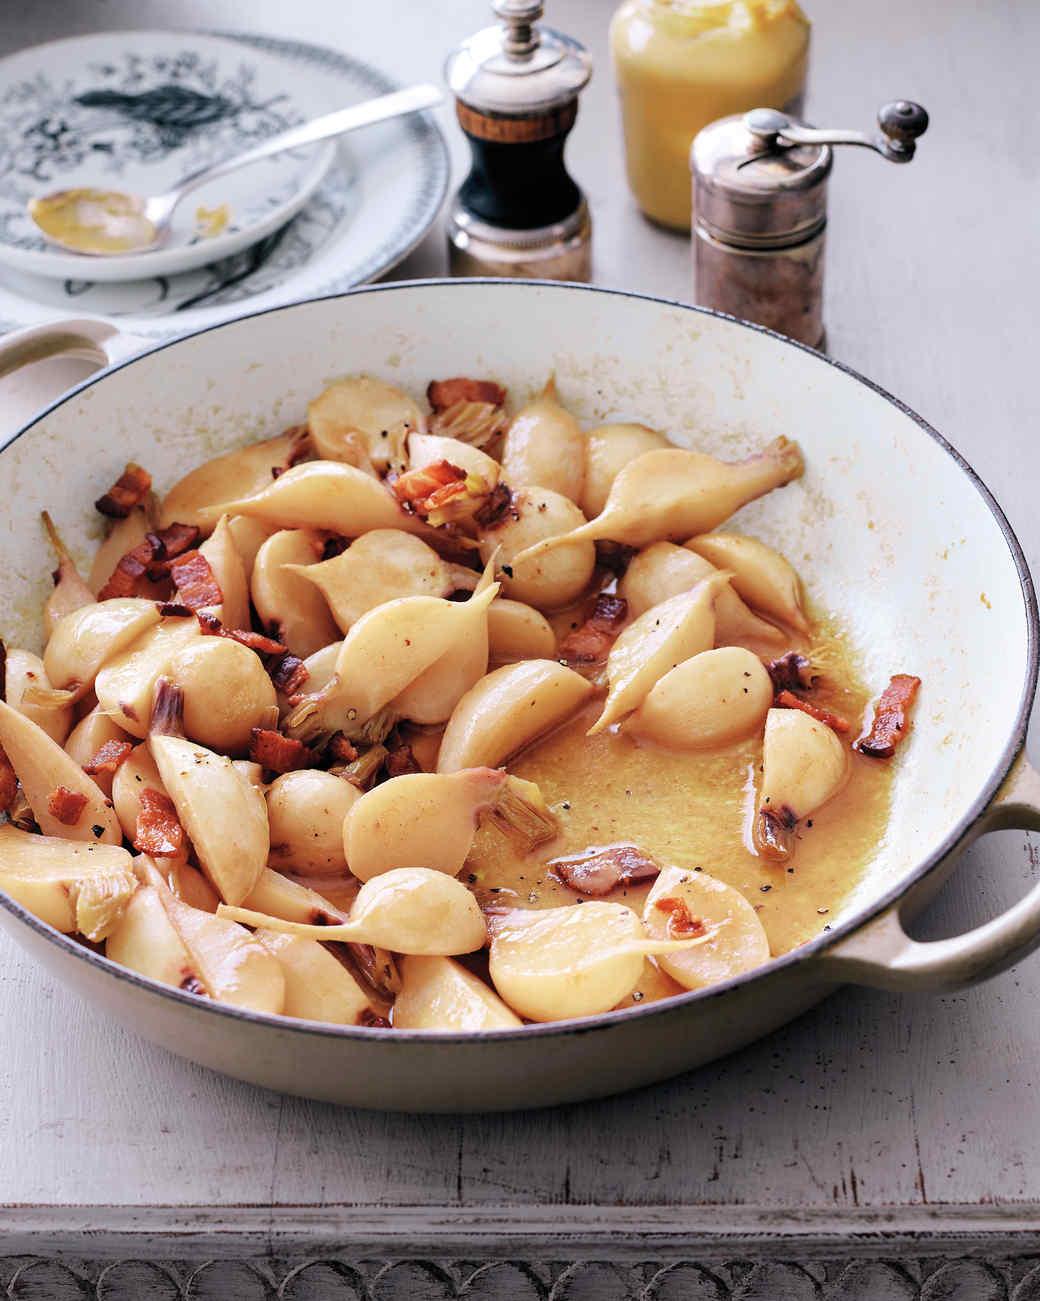 Glazed Turnips with Bacon